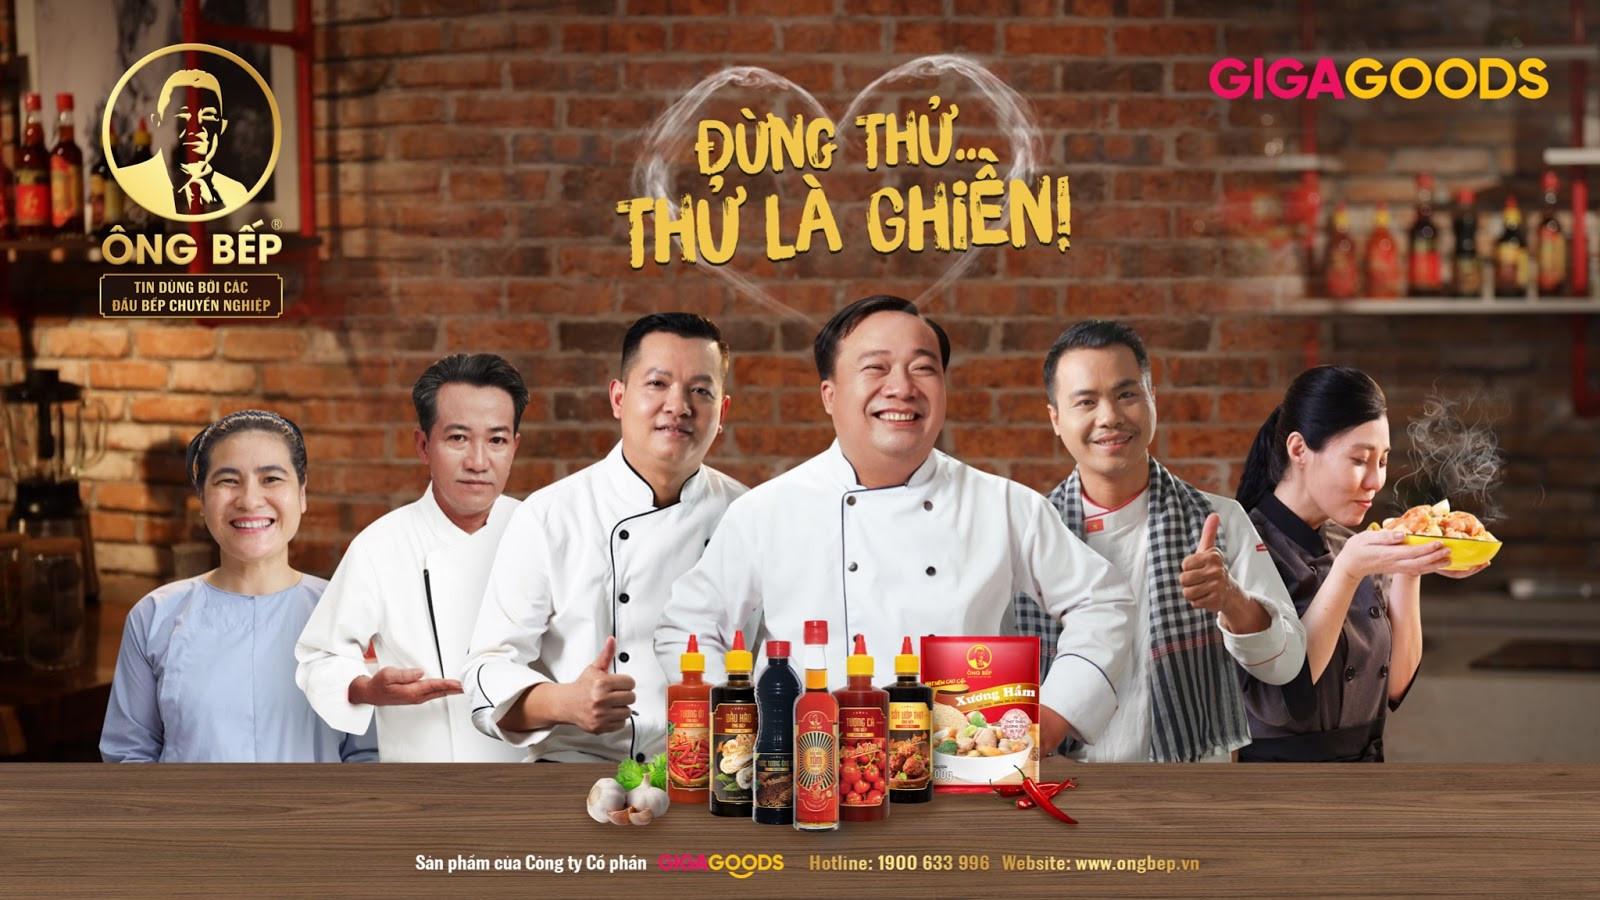 Giga1 trở thành đối tác chiến lược của Ông Bếp - Nhãn hàng gia vị 100% made in Việt Nam